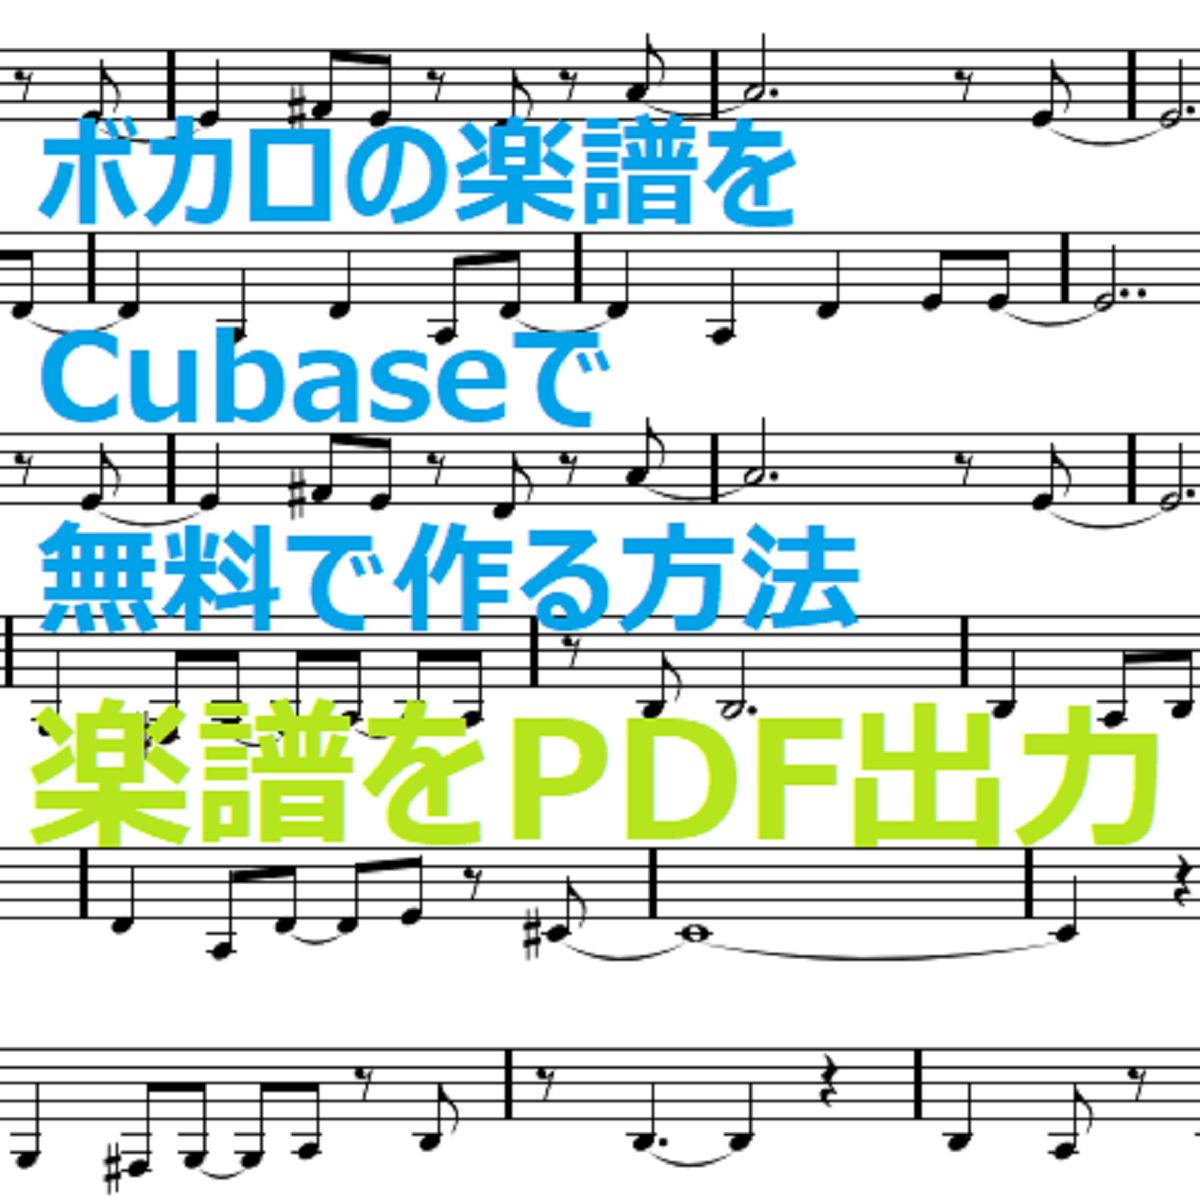 音符が書かれた楽譜。「ボカロの楽譜をCubaseで無料で作る方法 楽譜をPDF出力」と書かれたサムネイル。